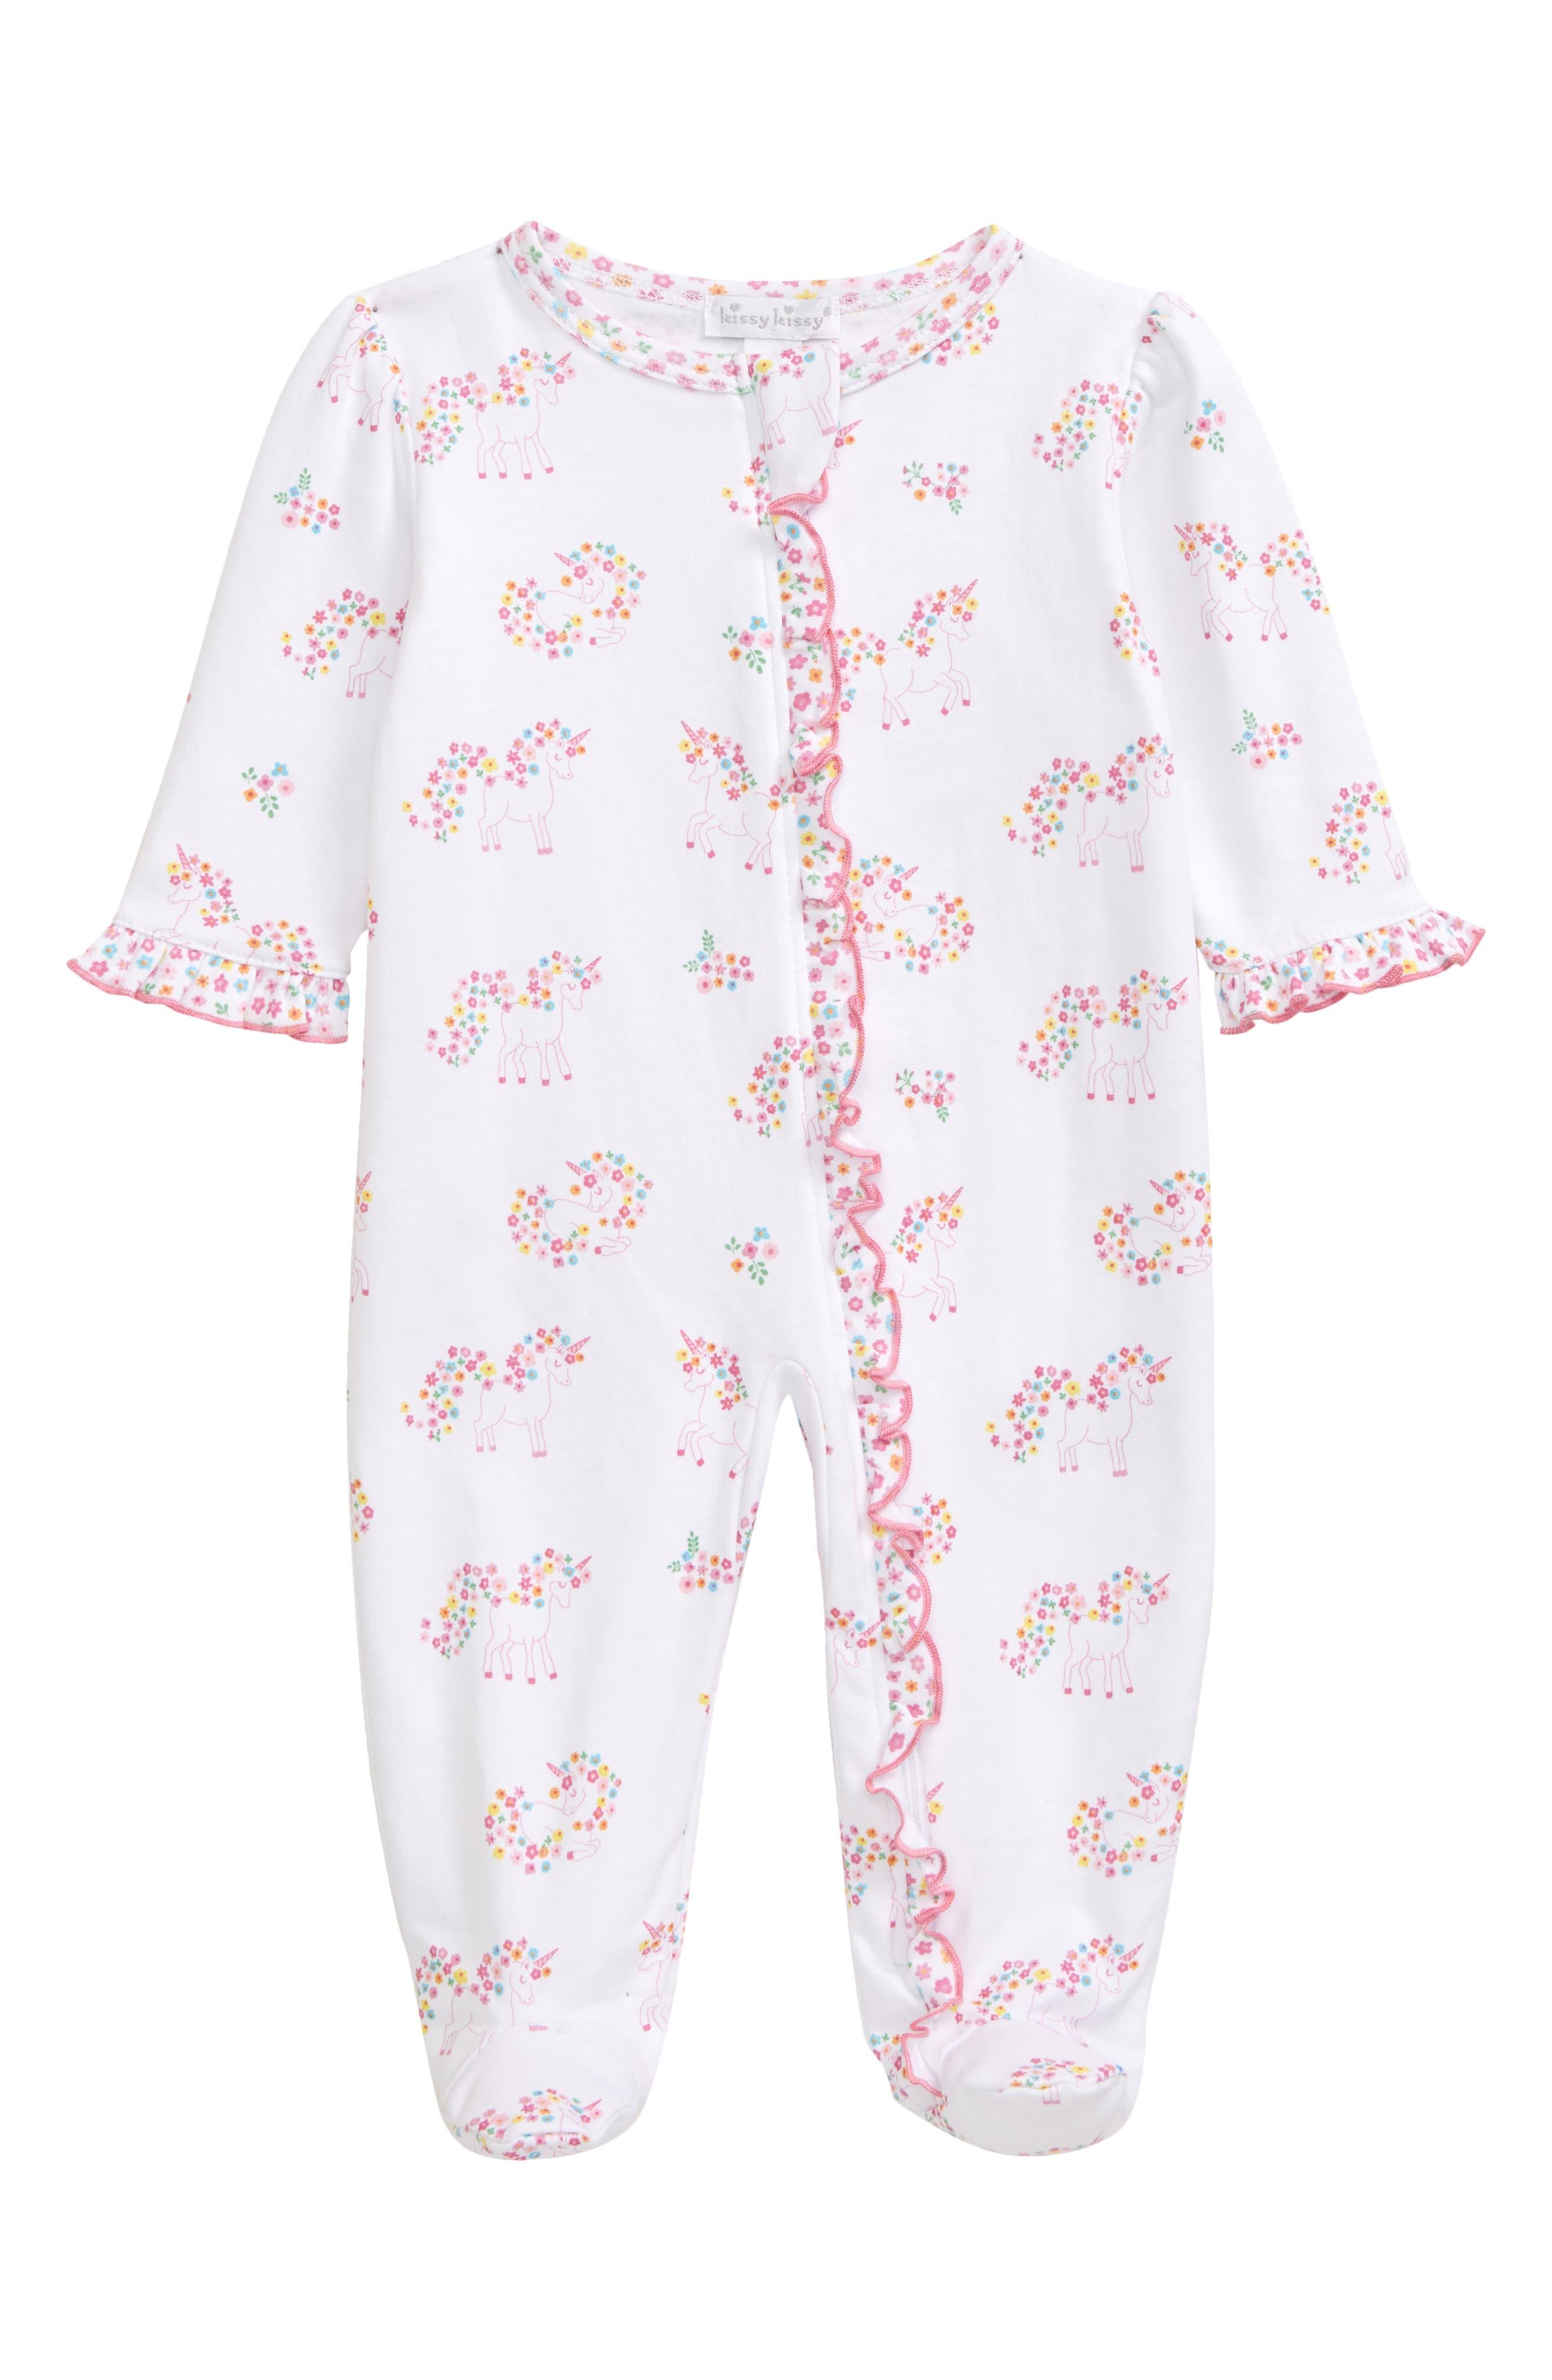 Kissy Kissy Infant Girl's Kissy Kissy Unicorn Gardens Zip Footie, Size 0-3M - Pink